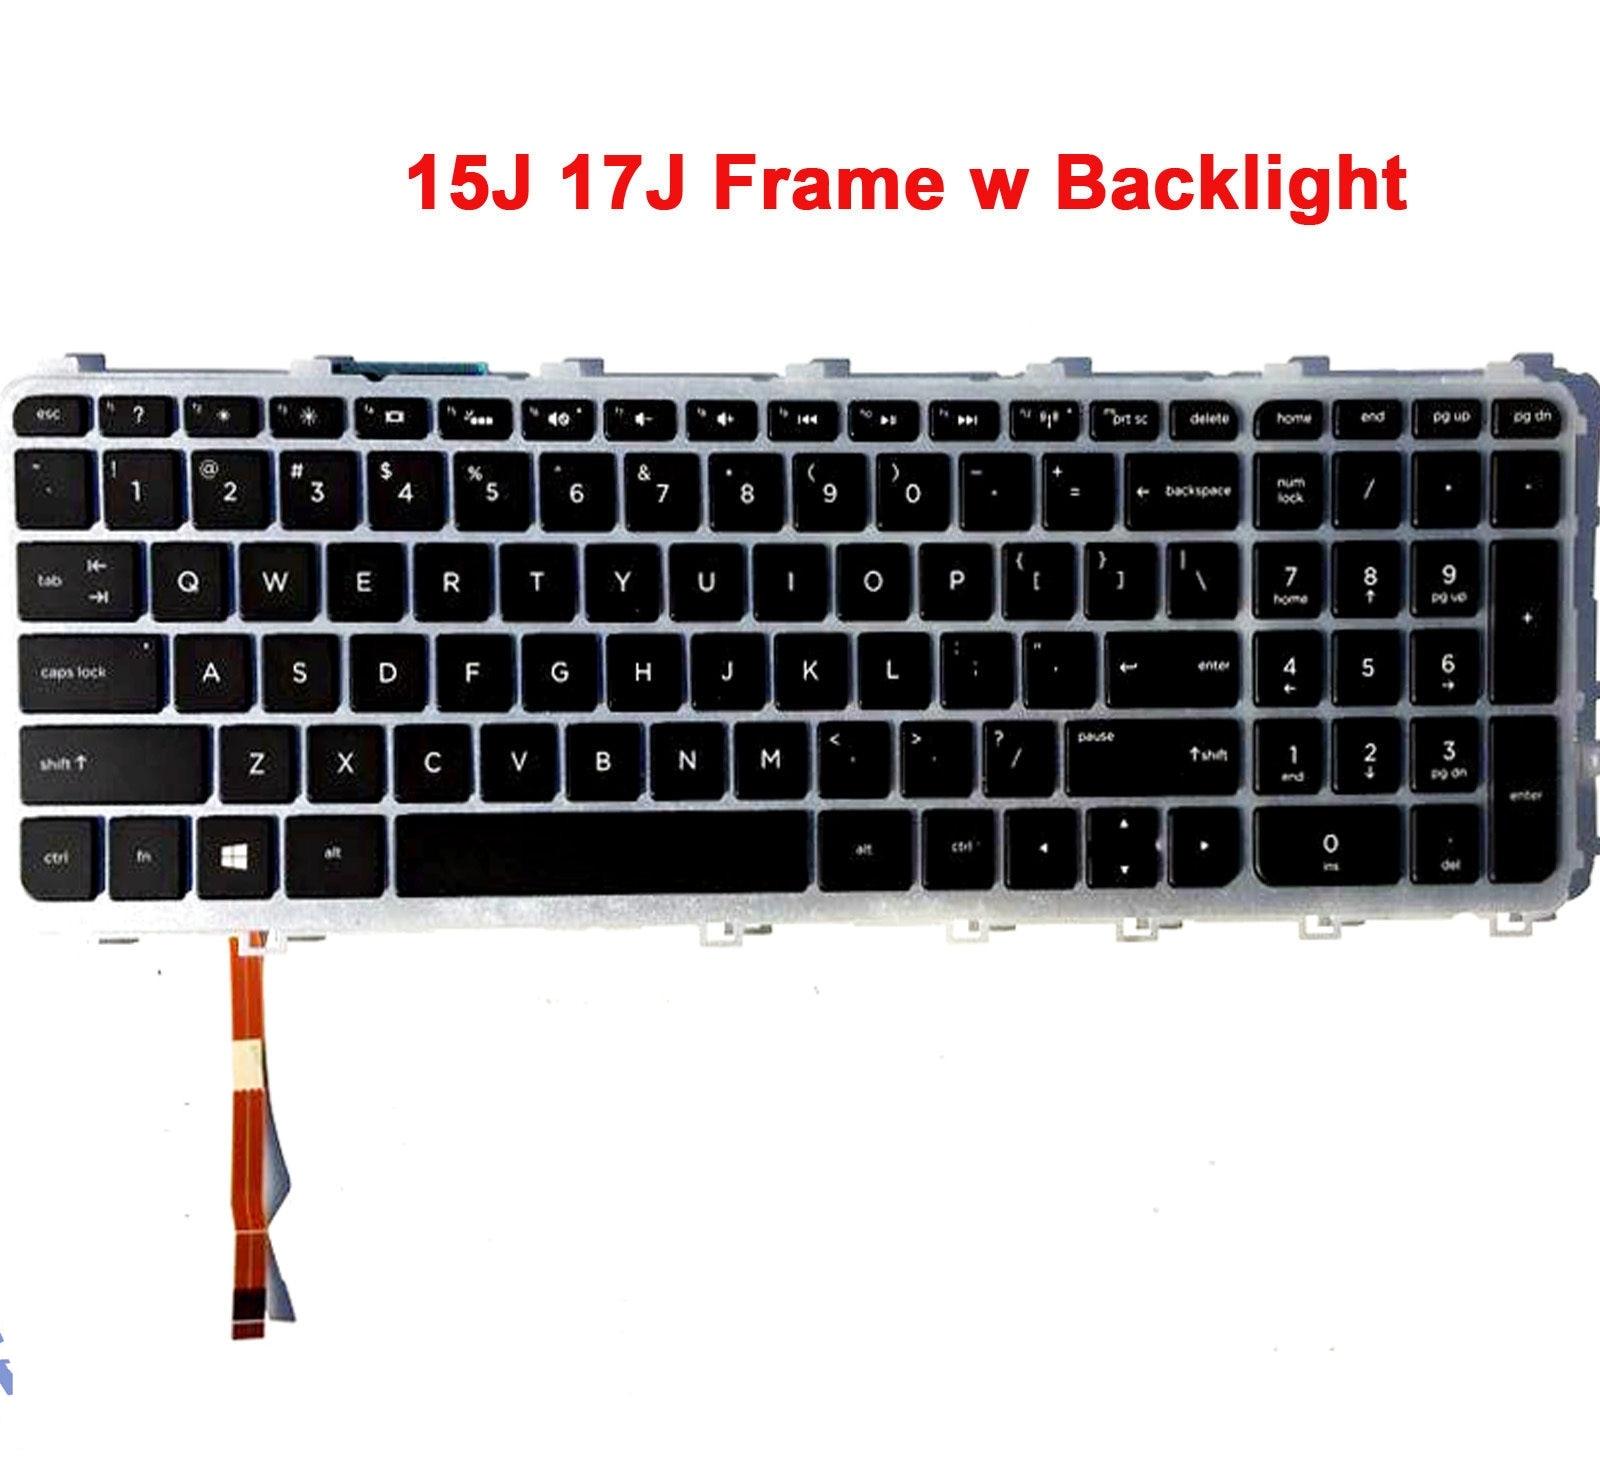 New For HP ENVY 15J 17J M7J 15-J 17-J M7-j US Backlit Laptop Keyboard 720244-001 736685-001 laptop keyboard for hp for envy 17 n013na 17 n003ur 17 n002ne 17 n012tx 17 n013tx 17 n014tx without frame sliver